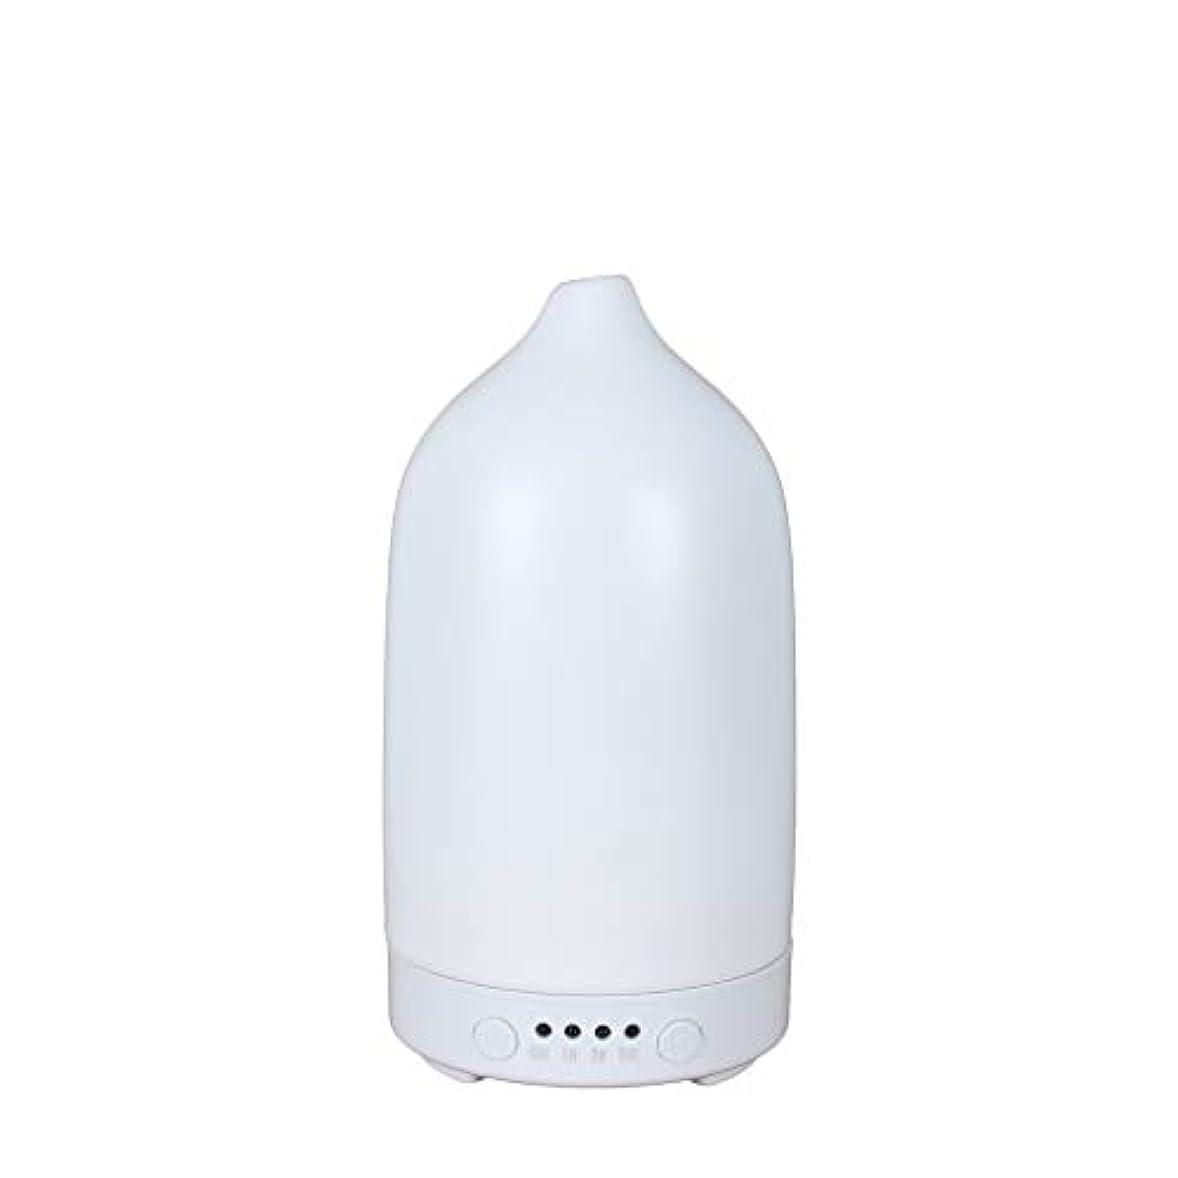 手結核長老加湿器卓上USB型加湿器殺菌加湿エアーフレッシュナー落下水漏れ防止超音波式加湿器超音波式卓上型大容量超静音長時間連続運転乾燥対策調整可能なミストブロー消音 (A)